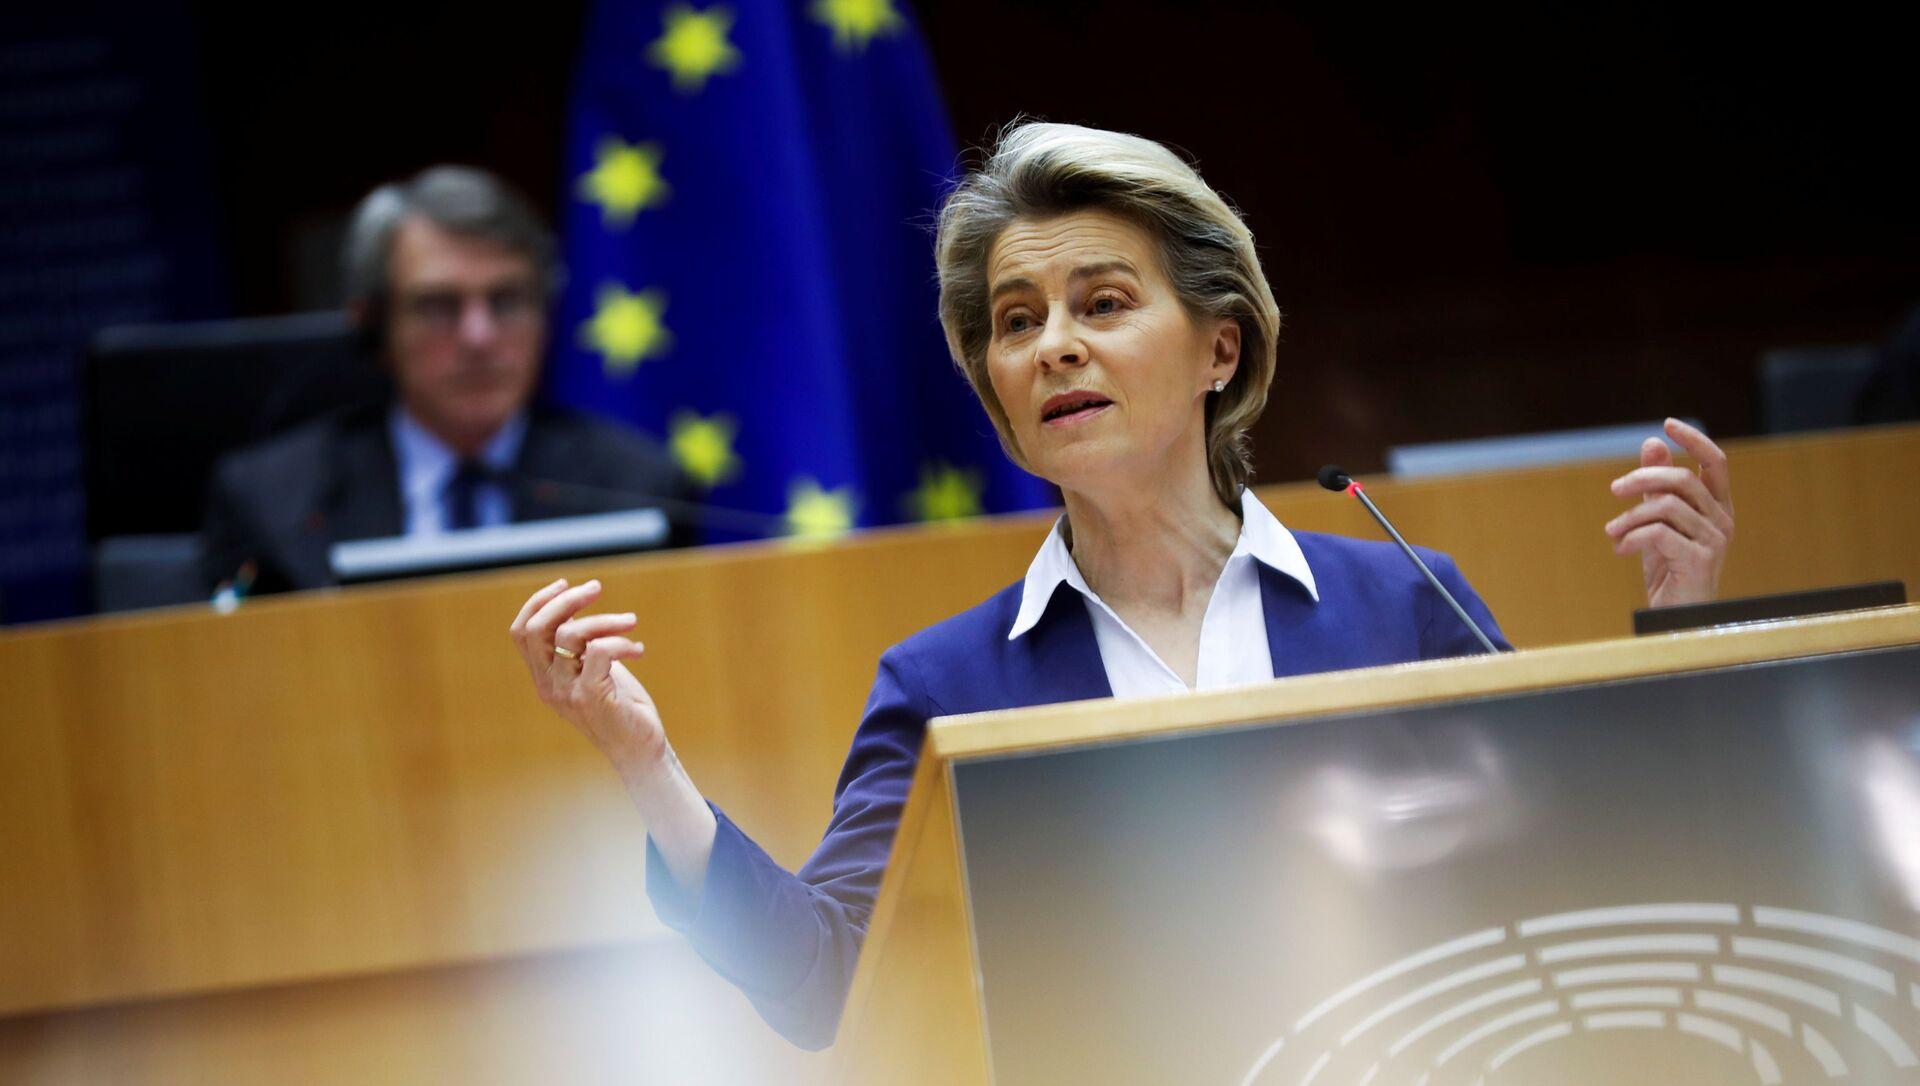 La presidente della Commissione Europea, Ursula von der Leyen - Sputnik Italia, 1920, 02.02.2021